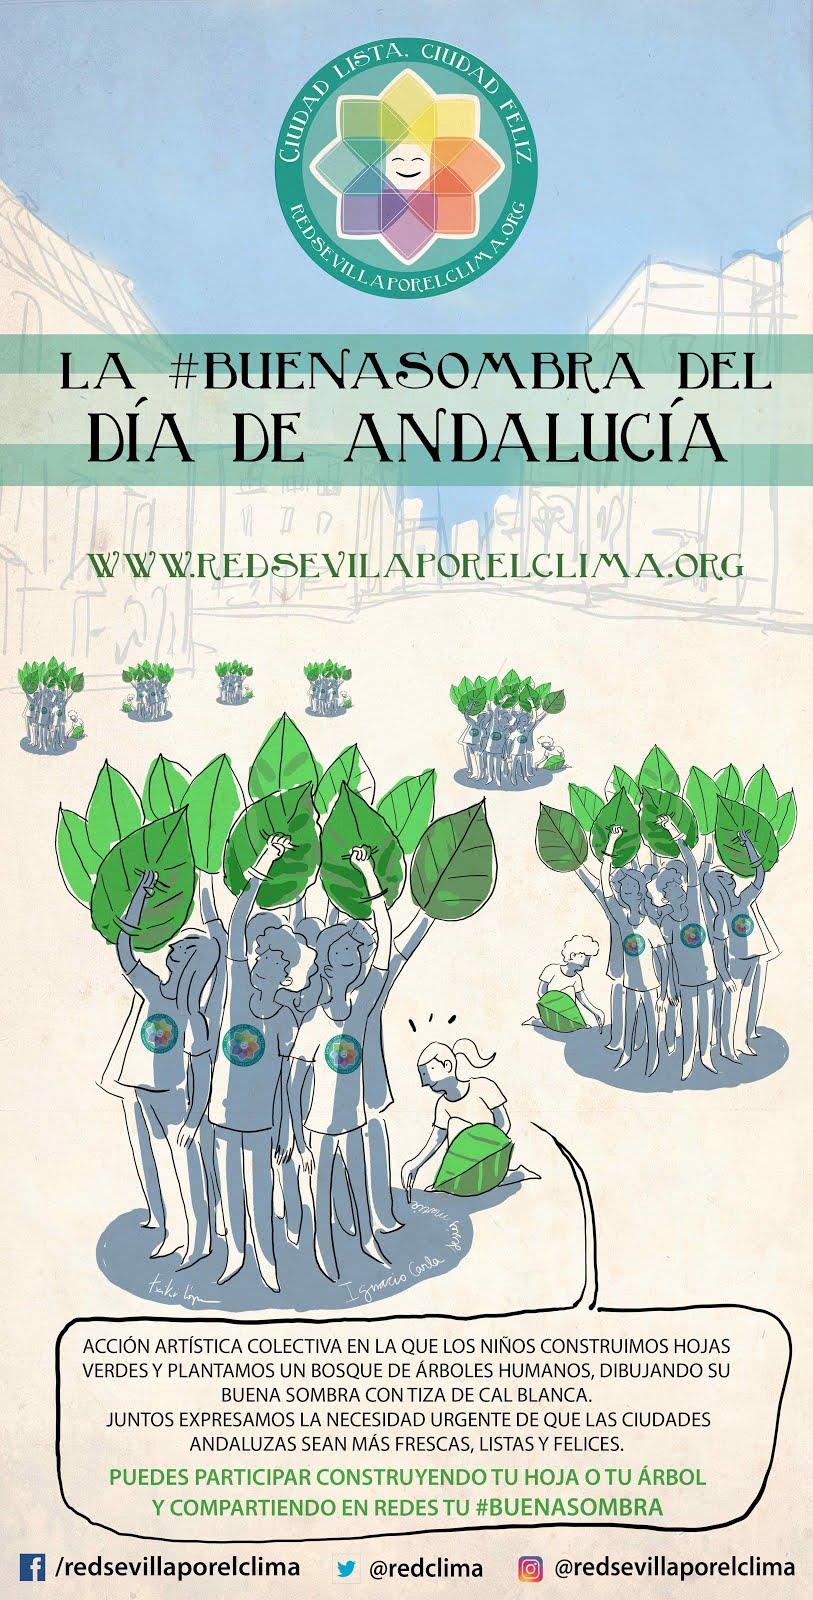 ACCIÓN ARTÍSTICA COLECTIVA. Viernes, 24 febrero. Sevilla